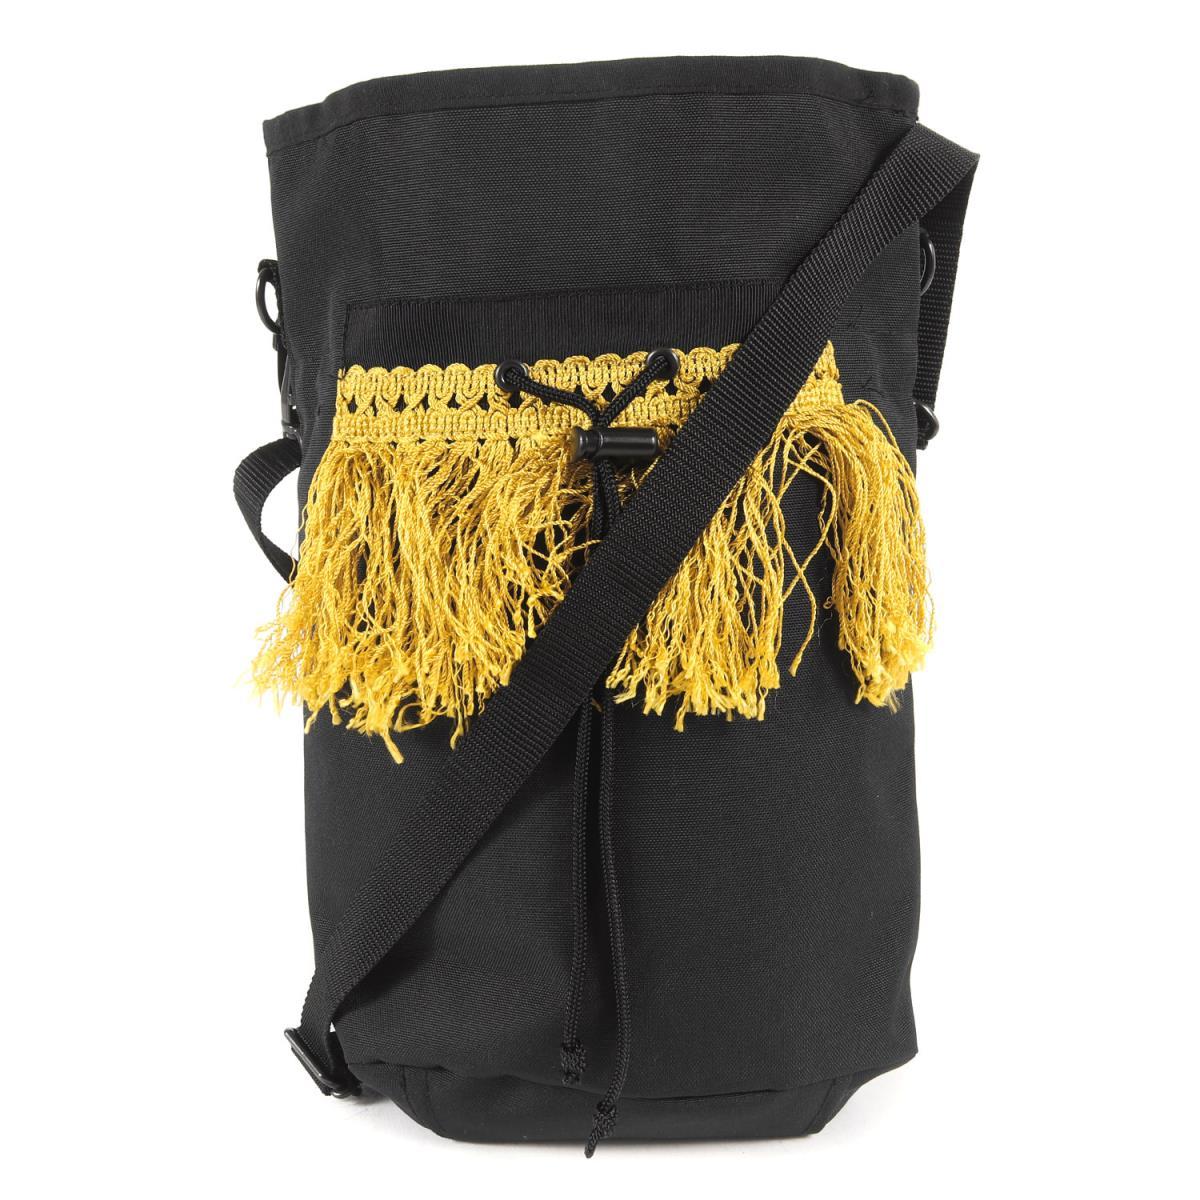 ジョンアンダーカバー バッグ ショルダーポーチ ユニセックス UNDERCOVER アンダーカバー ポーチ K2717 ブラック 中古 メンズ 美品 交換無料 国内正規品 18AW フリンジ